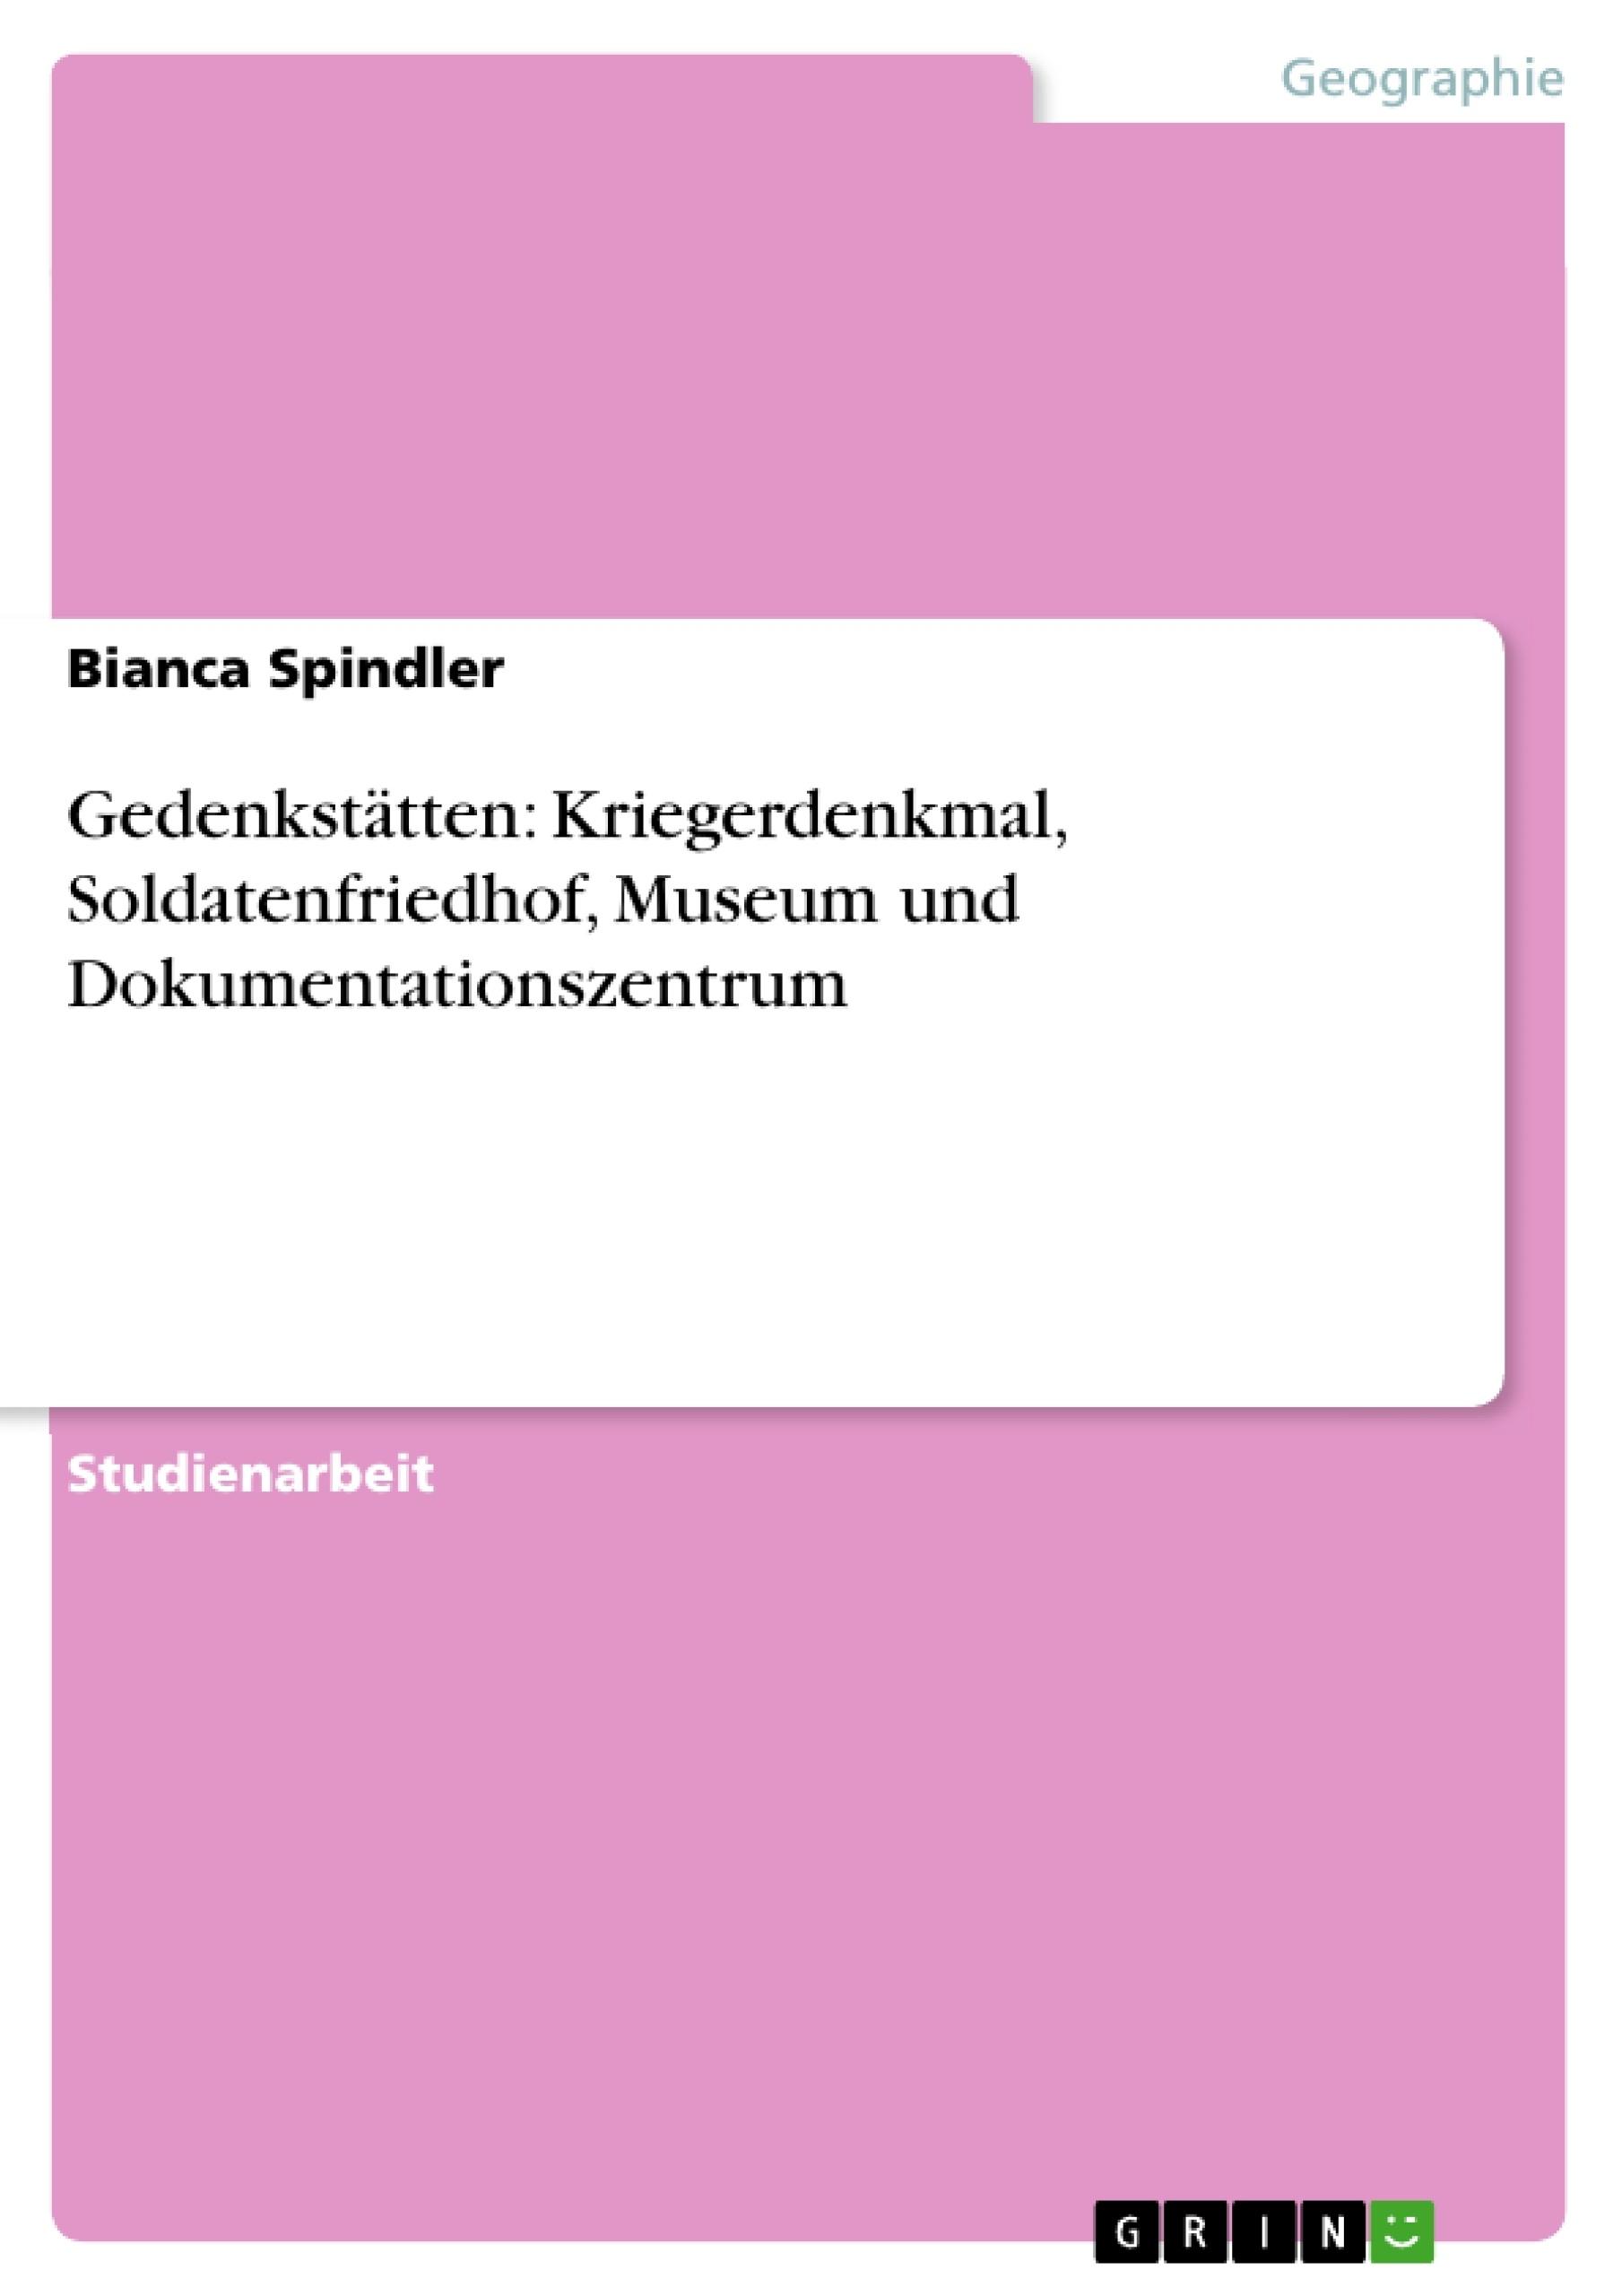 Titel: Gedenkstätten: Kriegerdenkmal, Soldatenfriedhof, Museum und Dokumentationszentrum